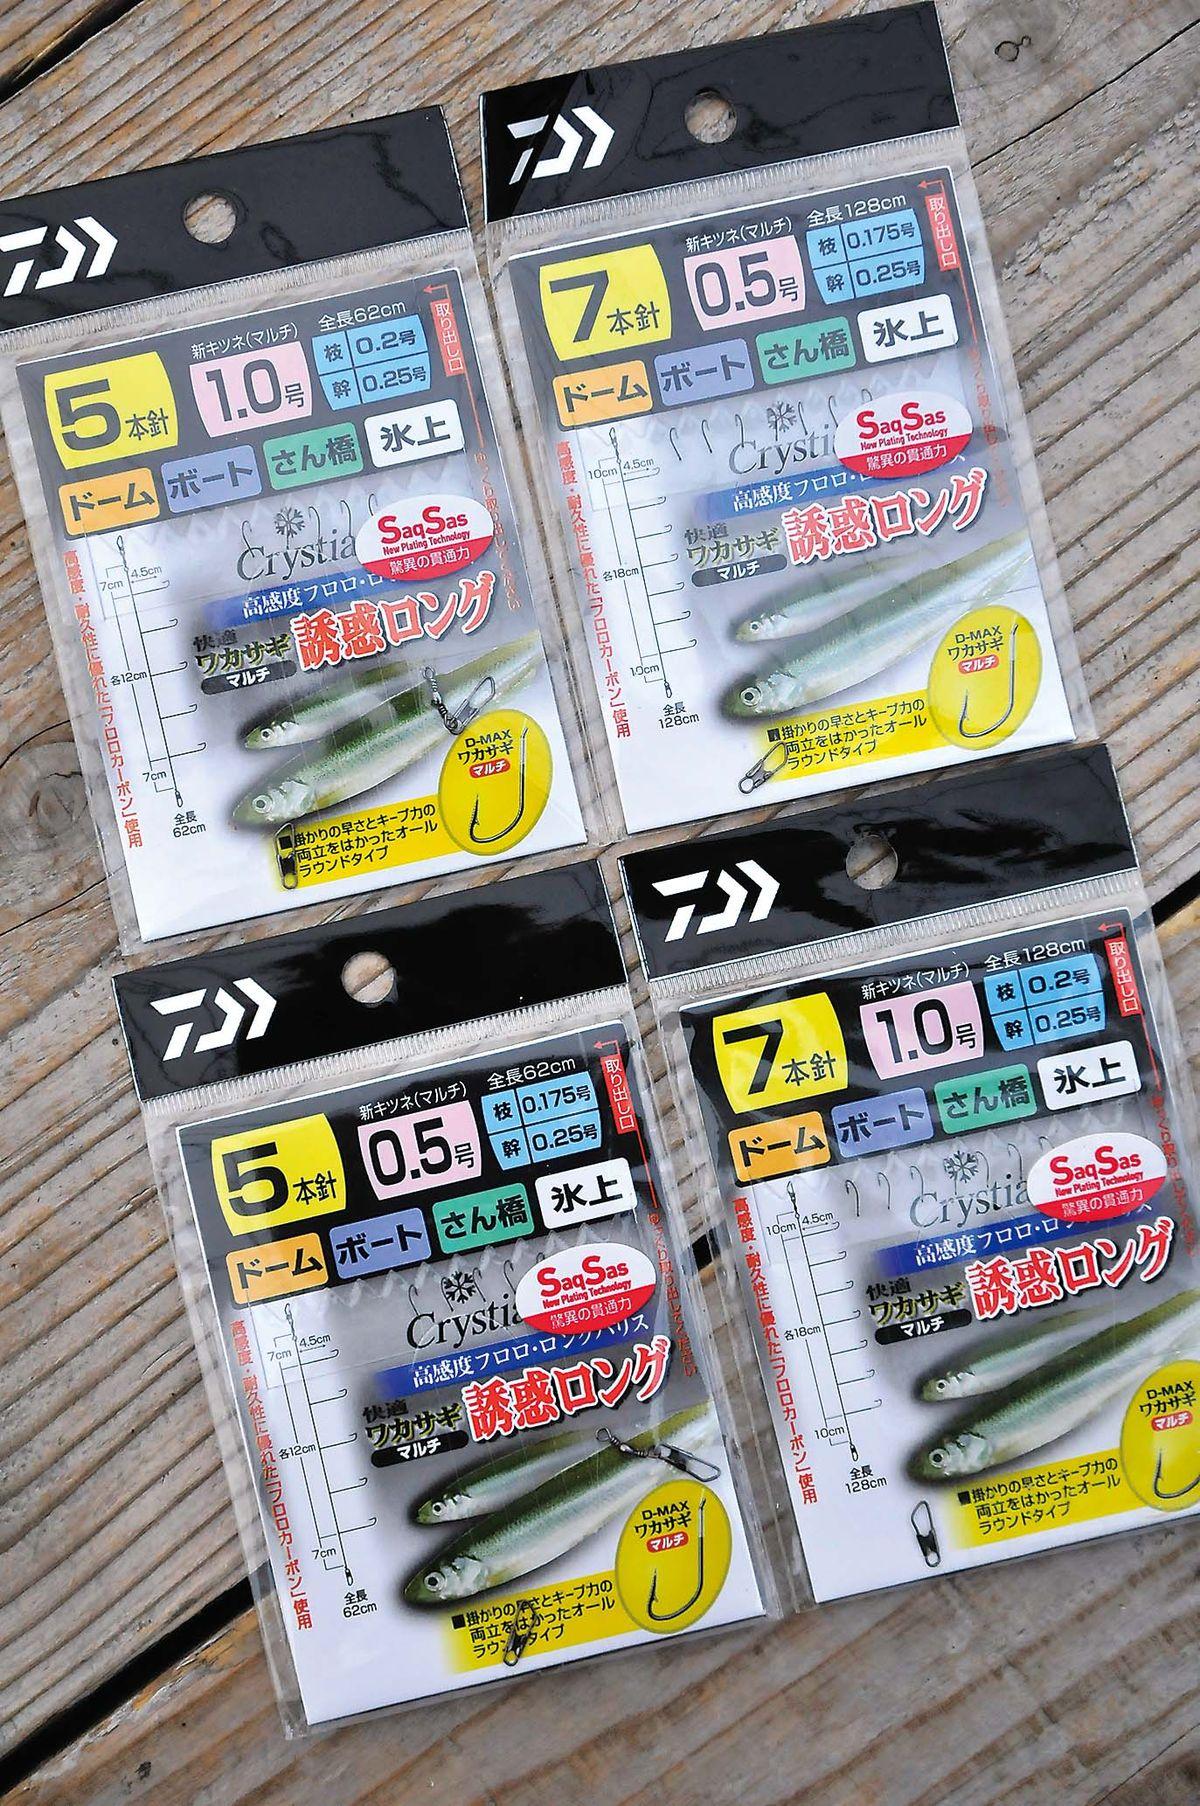 022-025wakasagi2_cs6 (18)